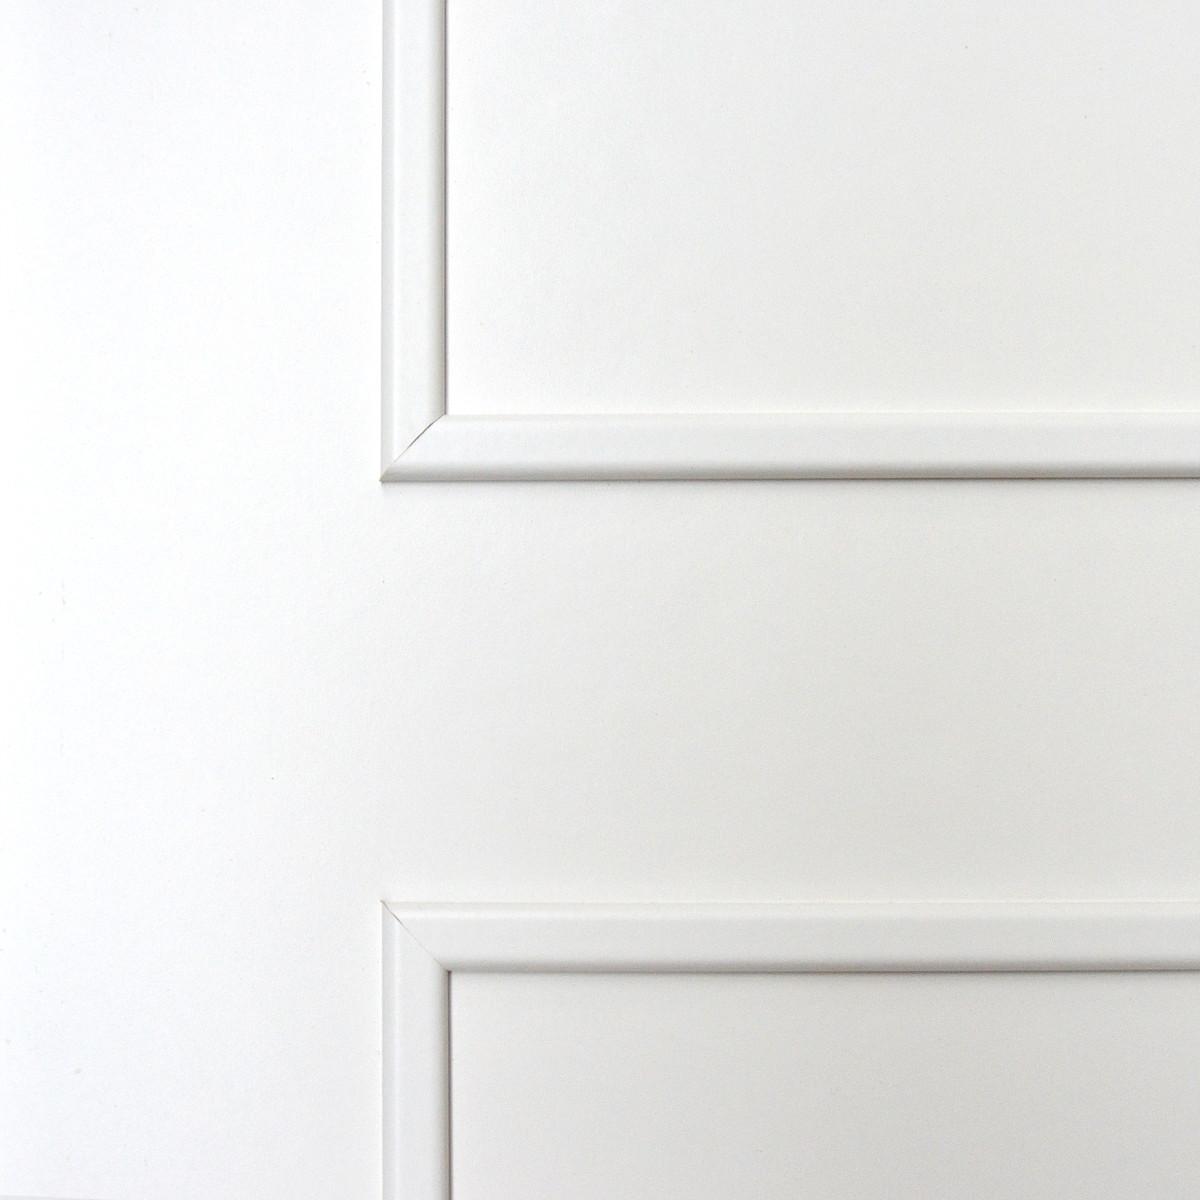 Дверь Межкомнатная Глухая Ламинированная Классика 70x200 Цвет Белый